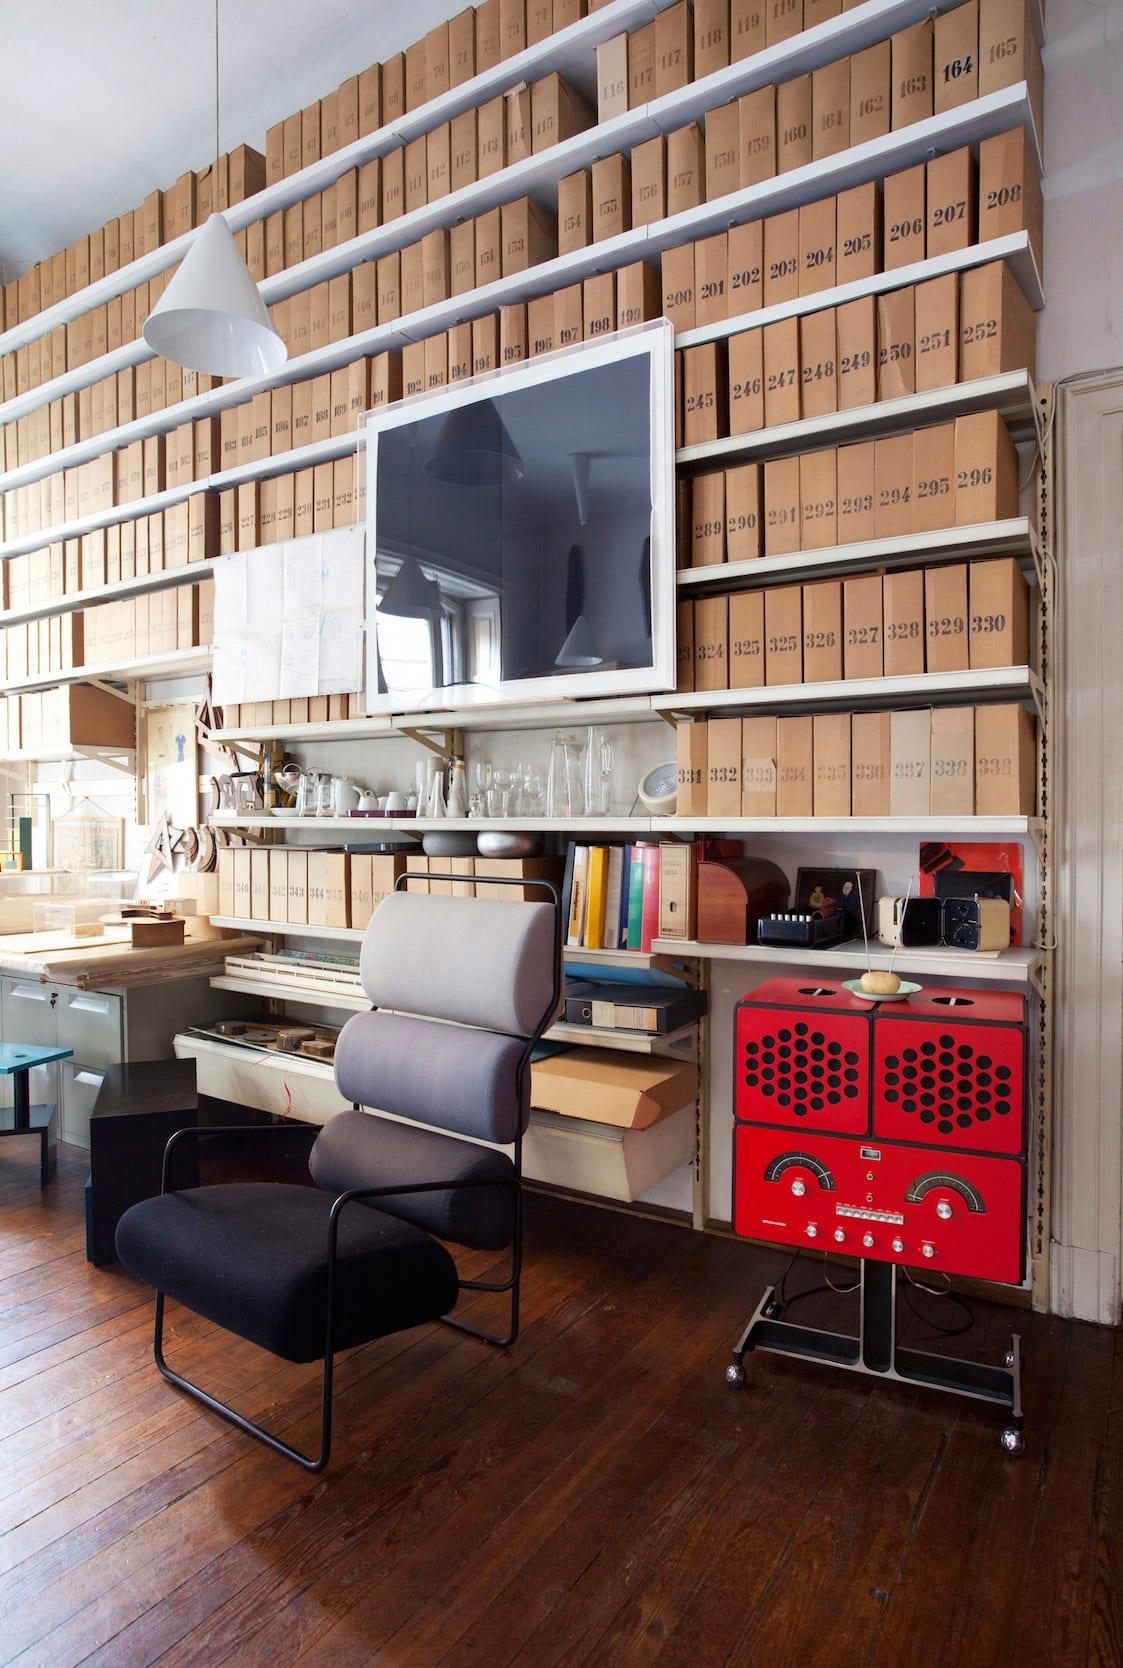 Brionvega RR126 Radiofonografo Fondazione designed by Achille Castiglioni | Yellowtrace